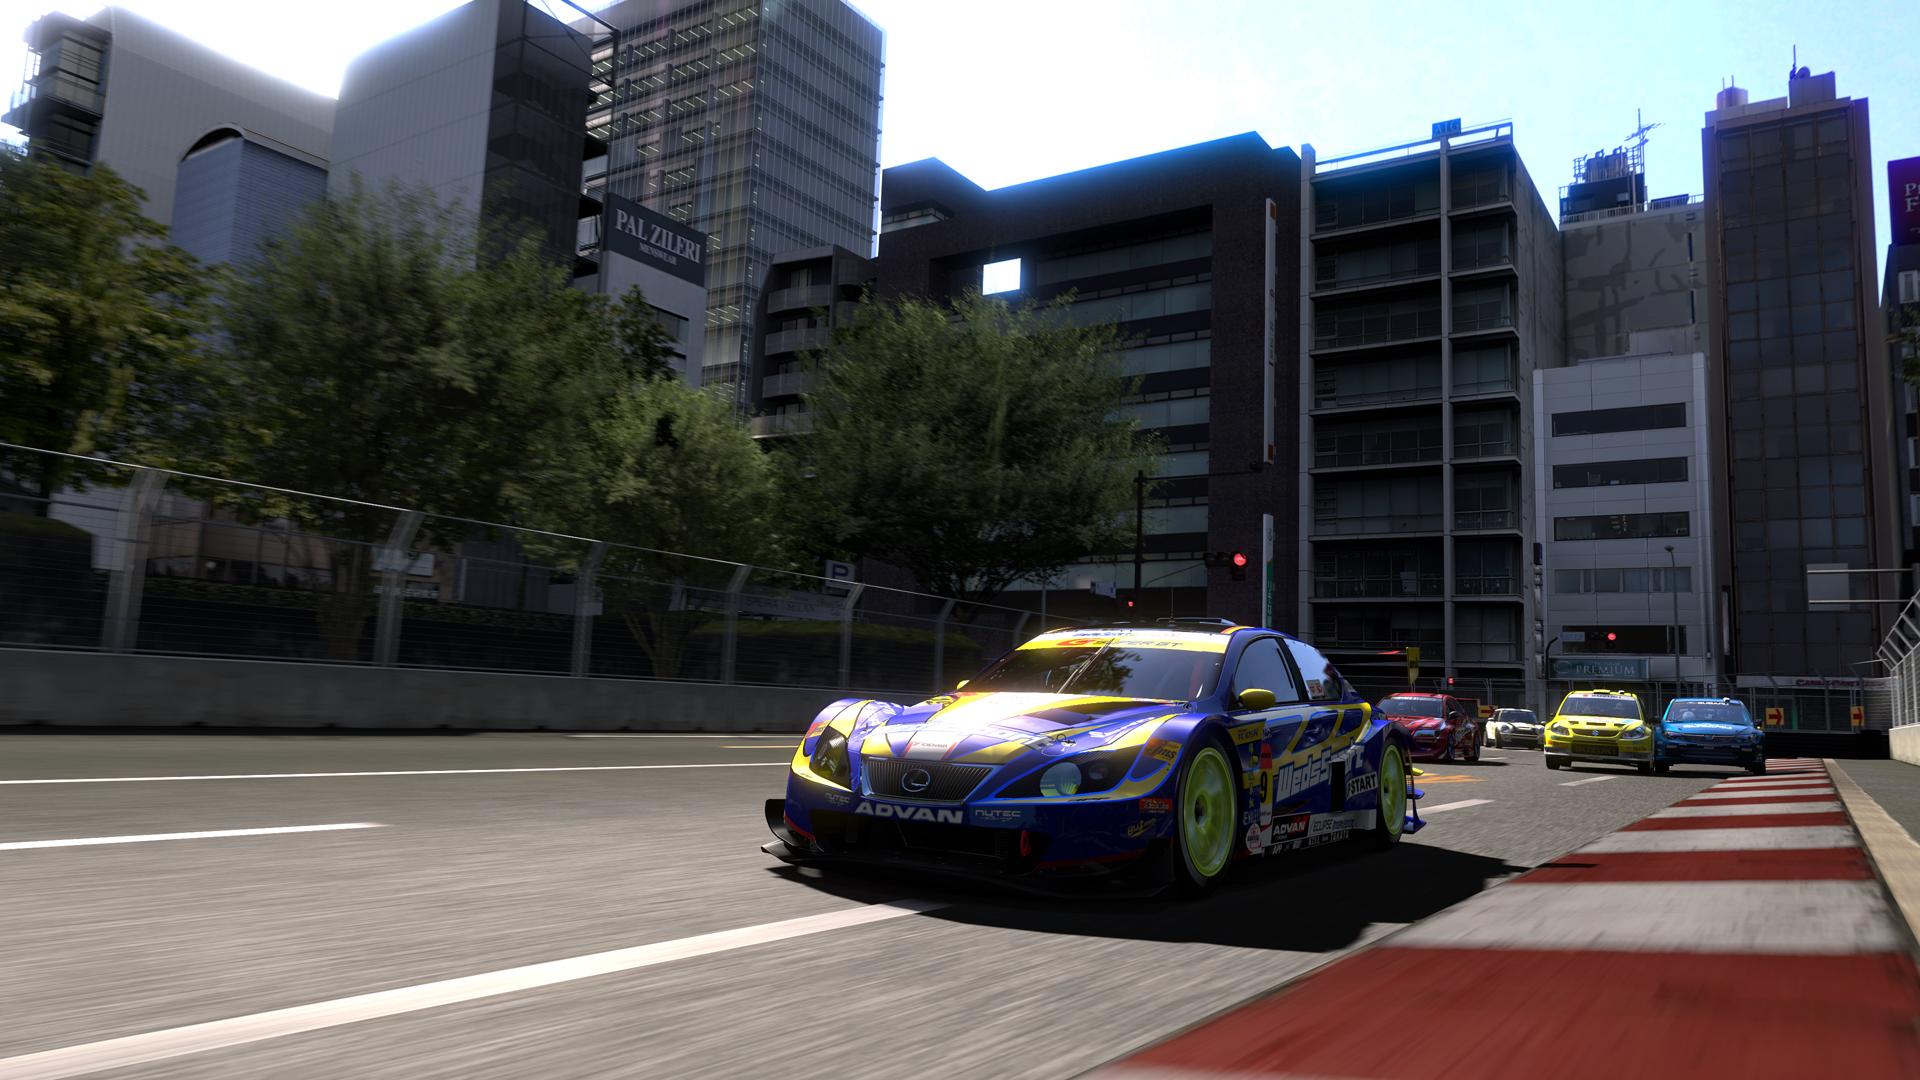 Gran Turismo 5: Gran Turismo 5 - New Race Car Screenshots